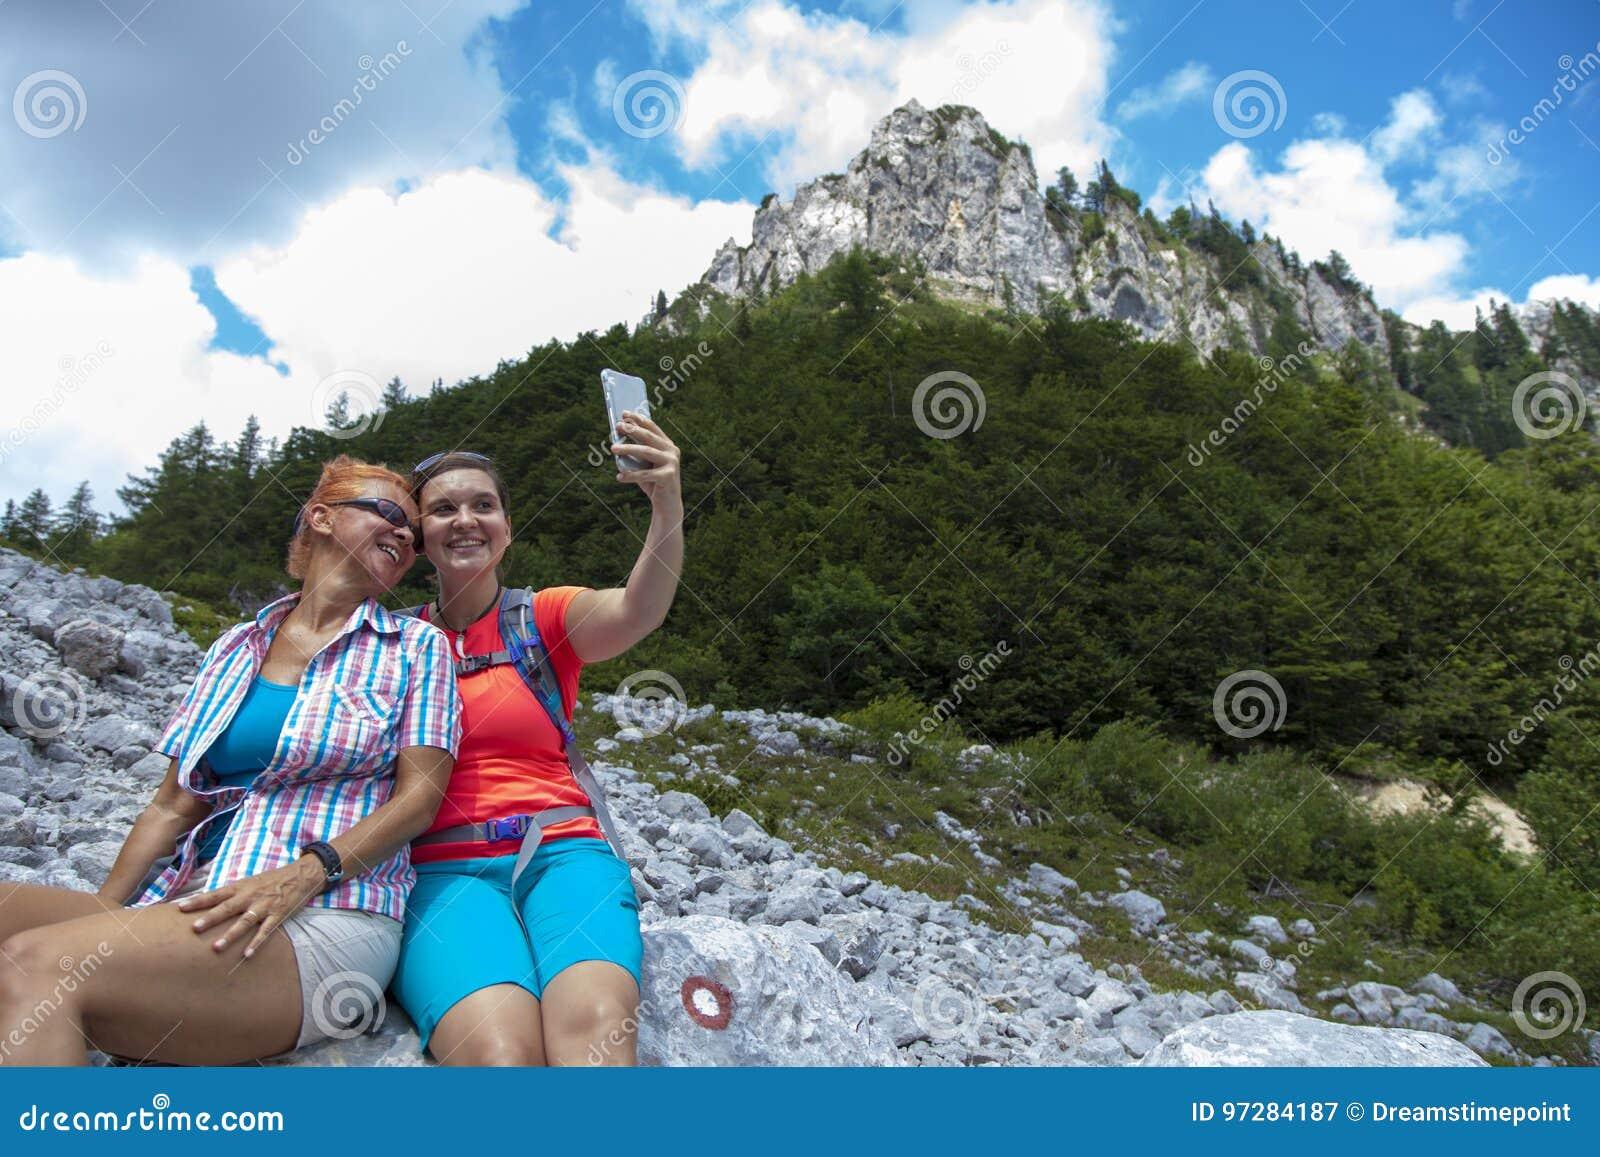 拍摄在山峰的两名相当女性妇女一selfie